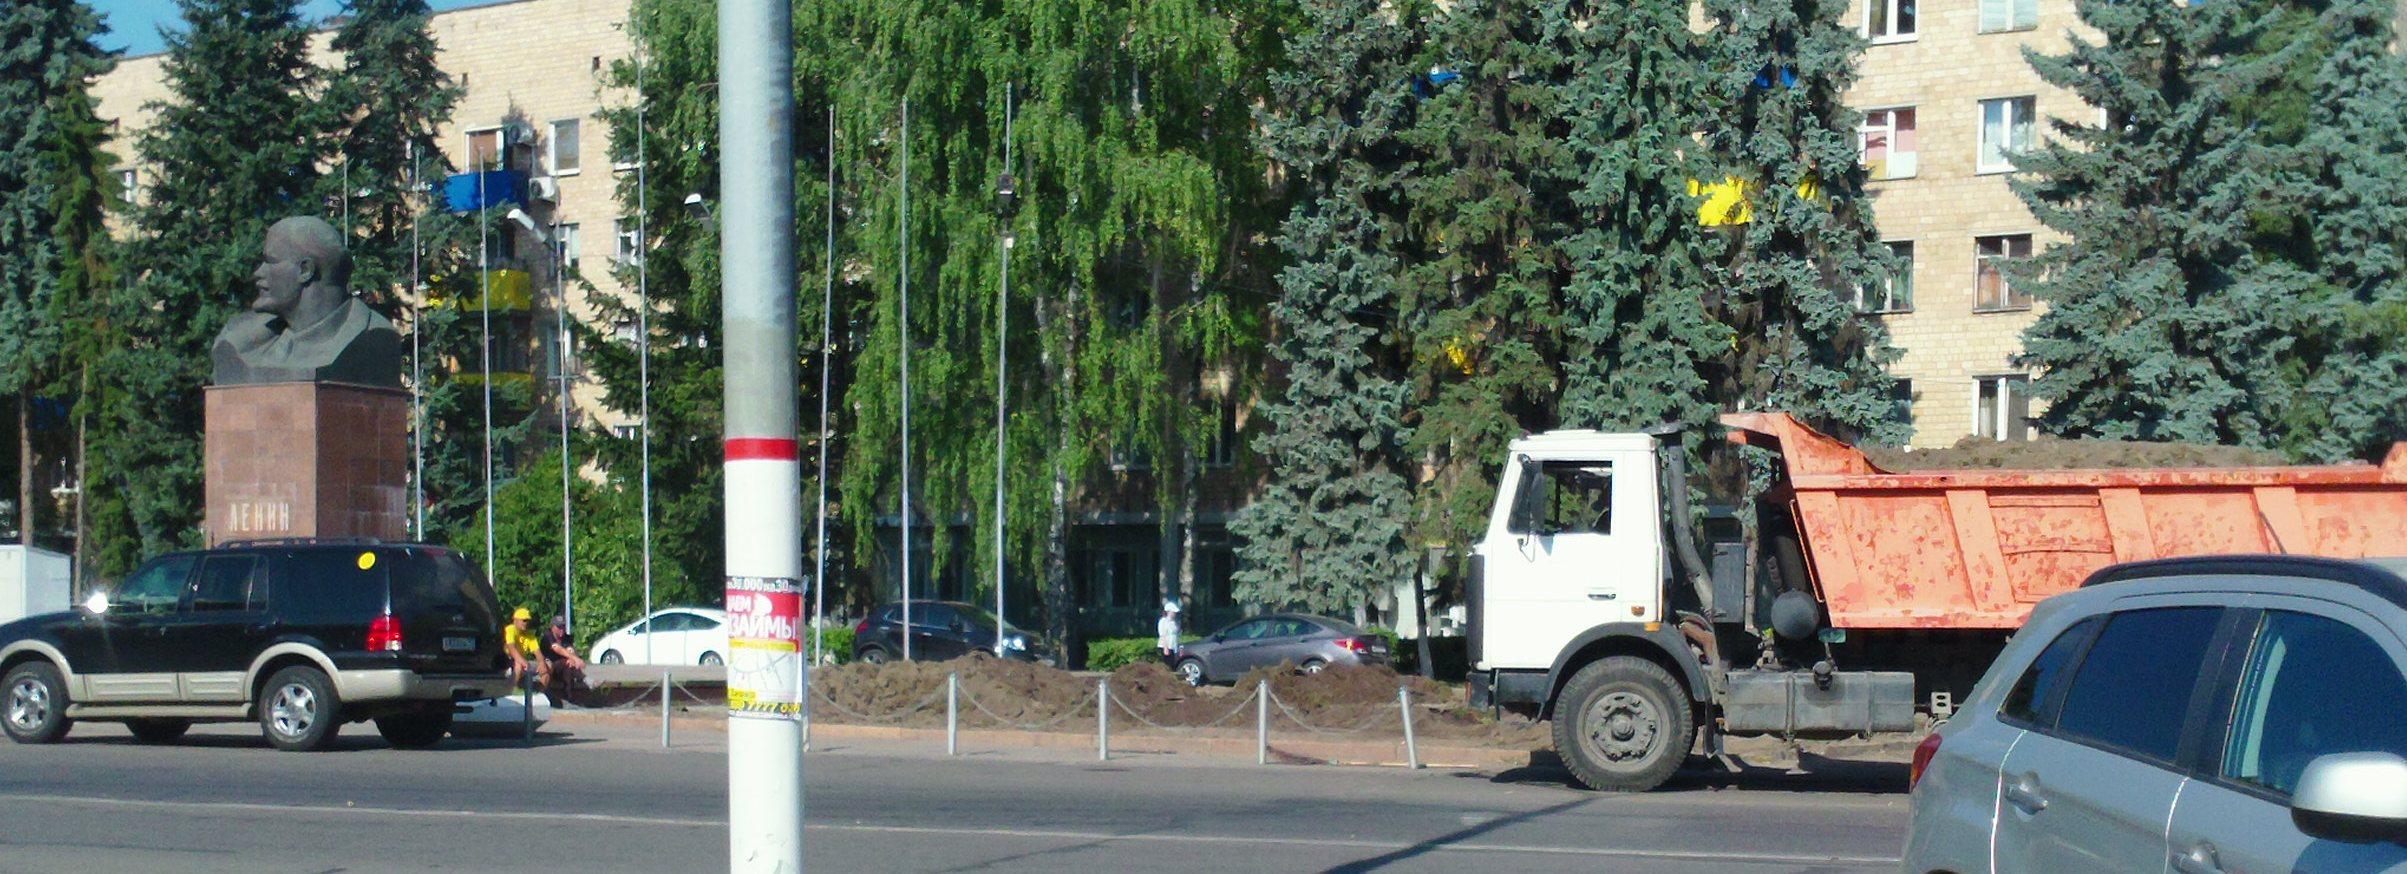 5-08-2014 Перекопано у памятника Ленину1